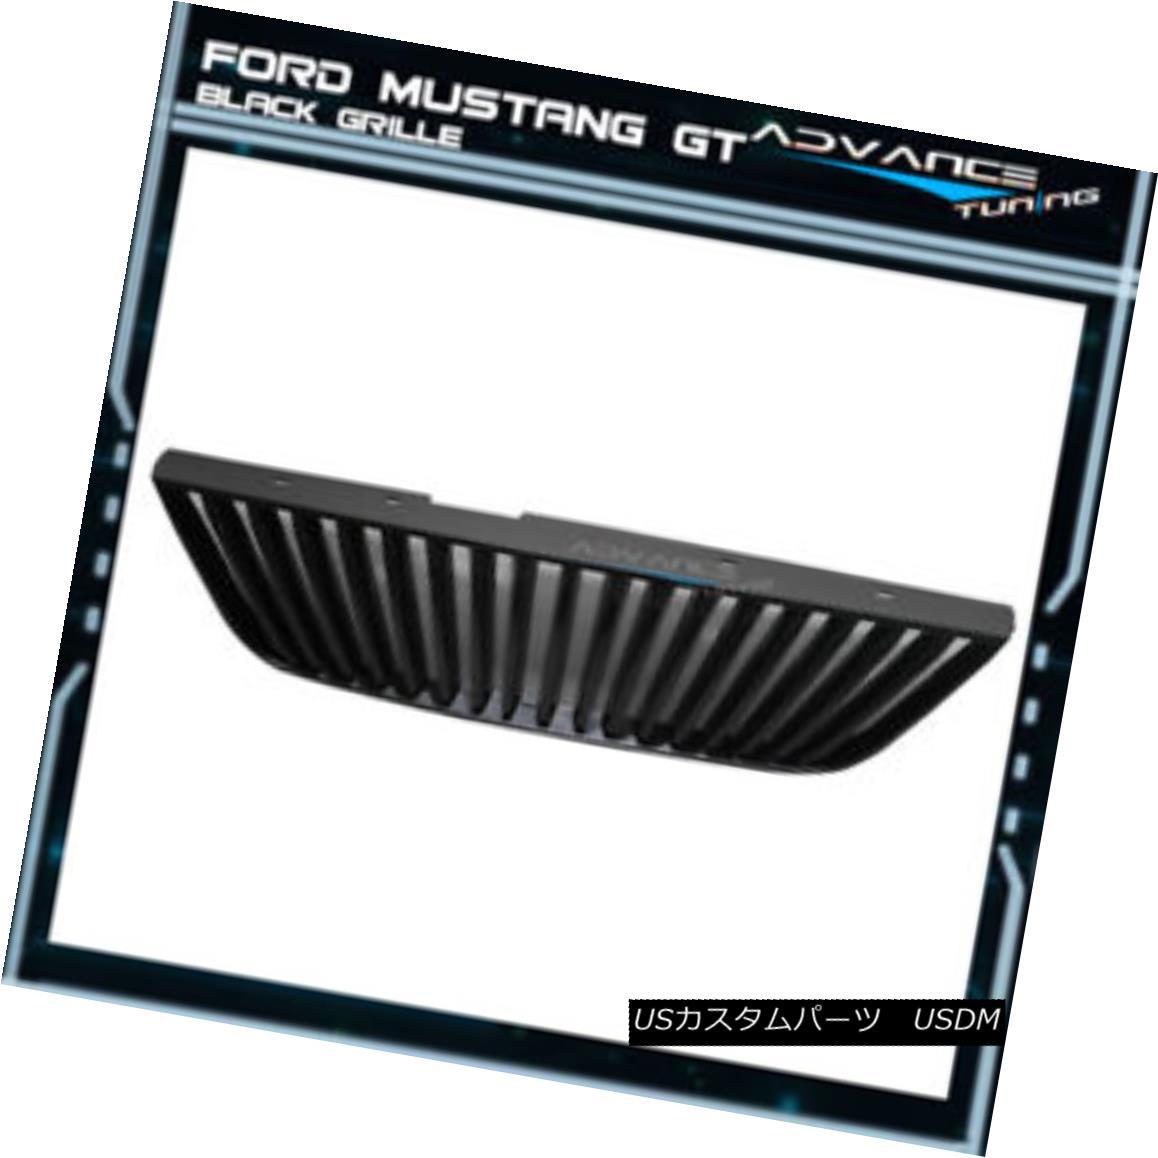 グリル For 99-04 Ford Mustang GT V6 V8 VERTICAL Black Grille New 99-04用フォードマスタングGT V6 V8垂直ブラックグリル